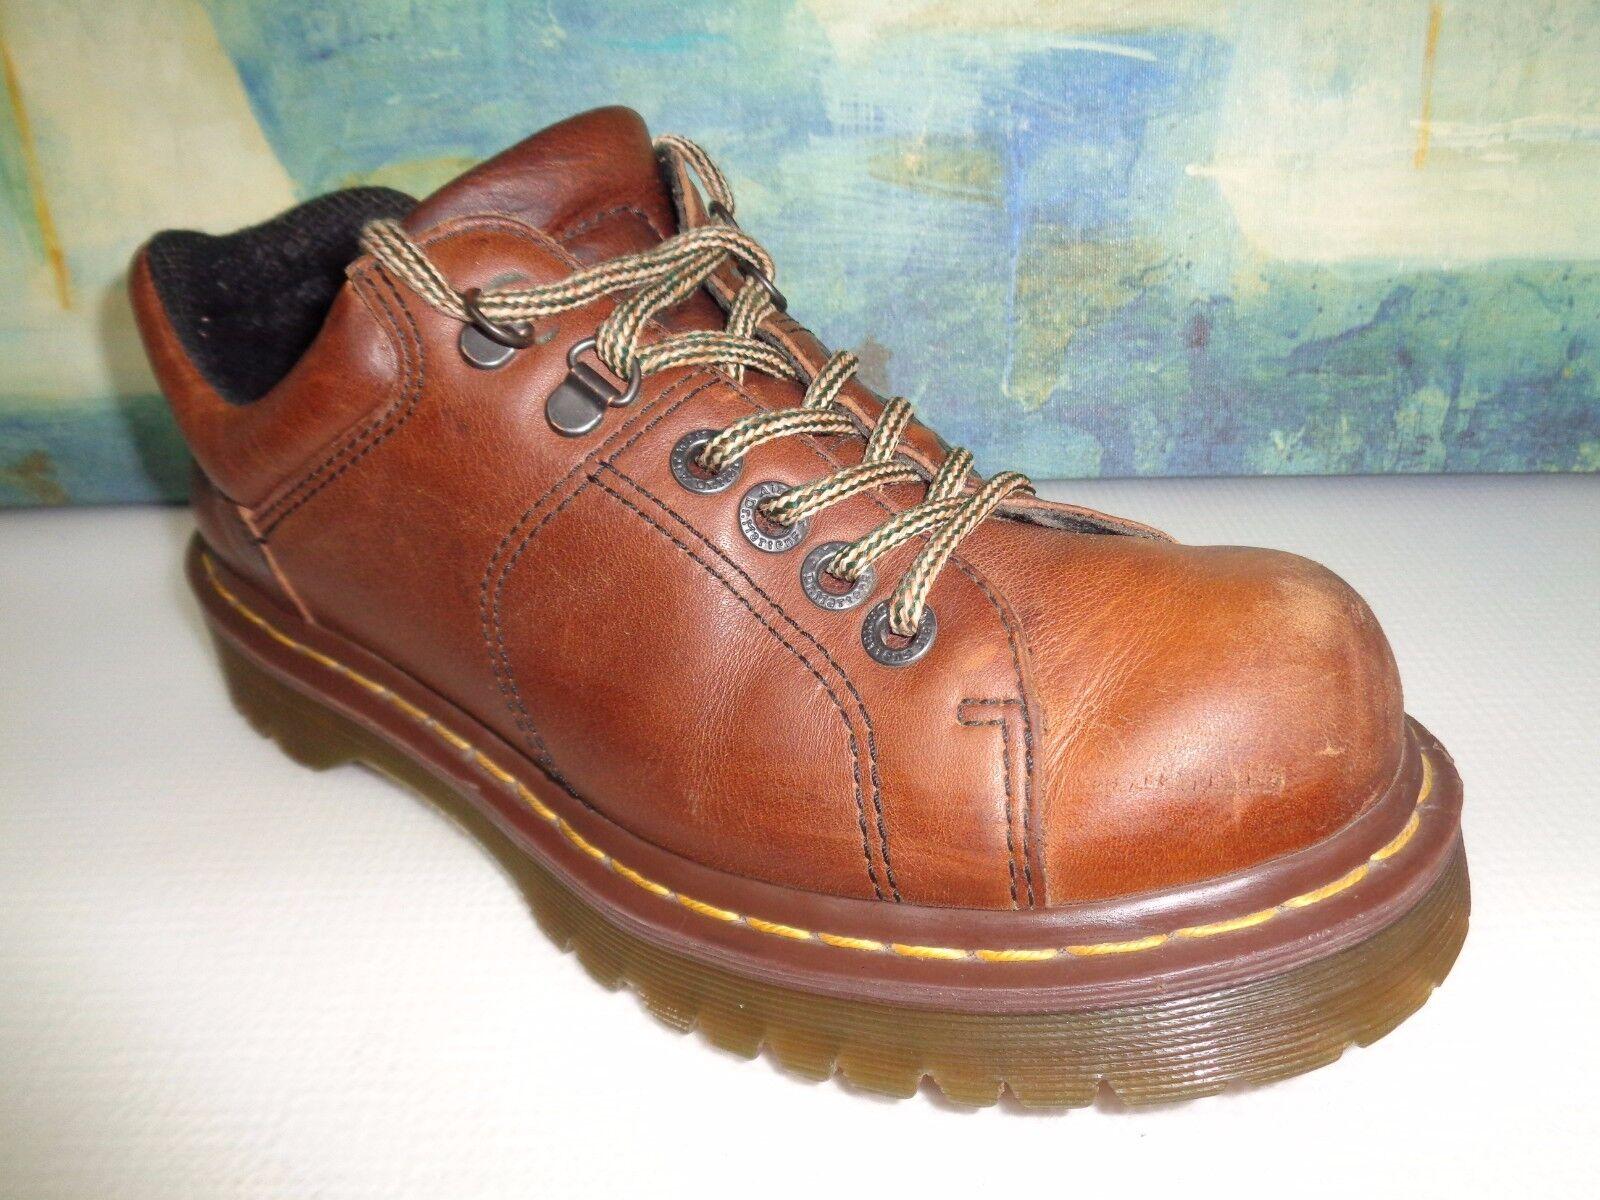 Dr. Martens Brown Leather Oxfords shoes 8312 Sz UK 7  US 8 Mens  9 Women